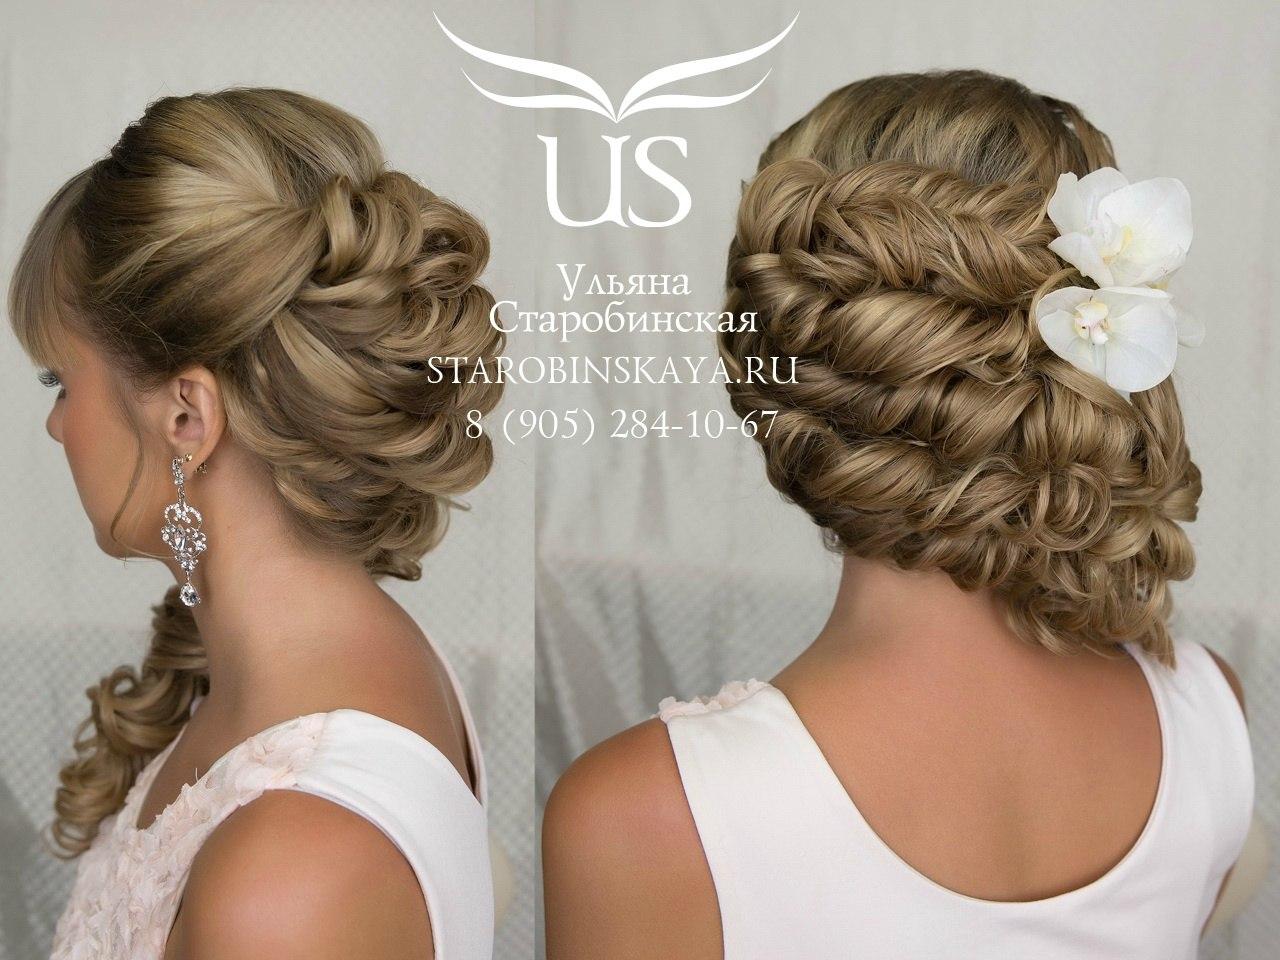 Свадебные причёски на бок на длинные волосы с чёлкой